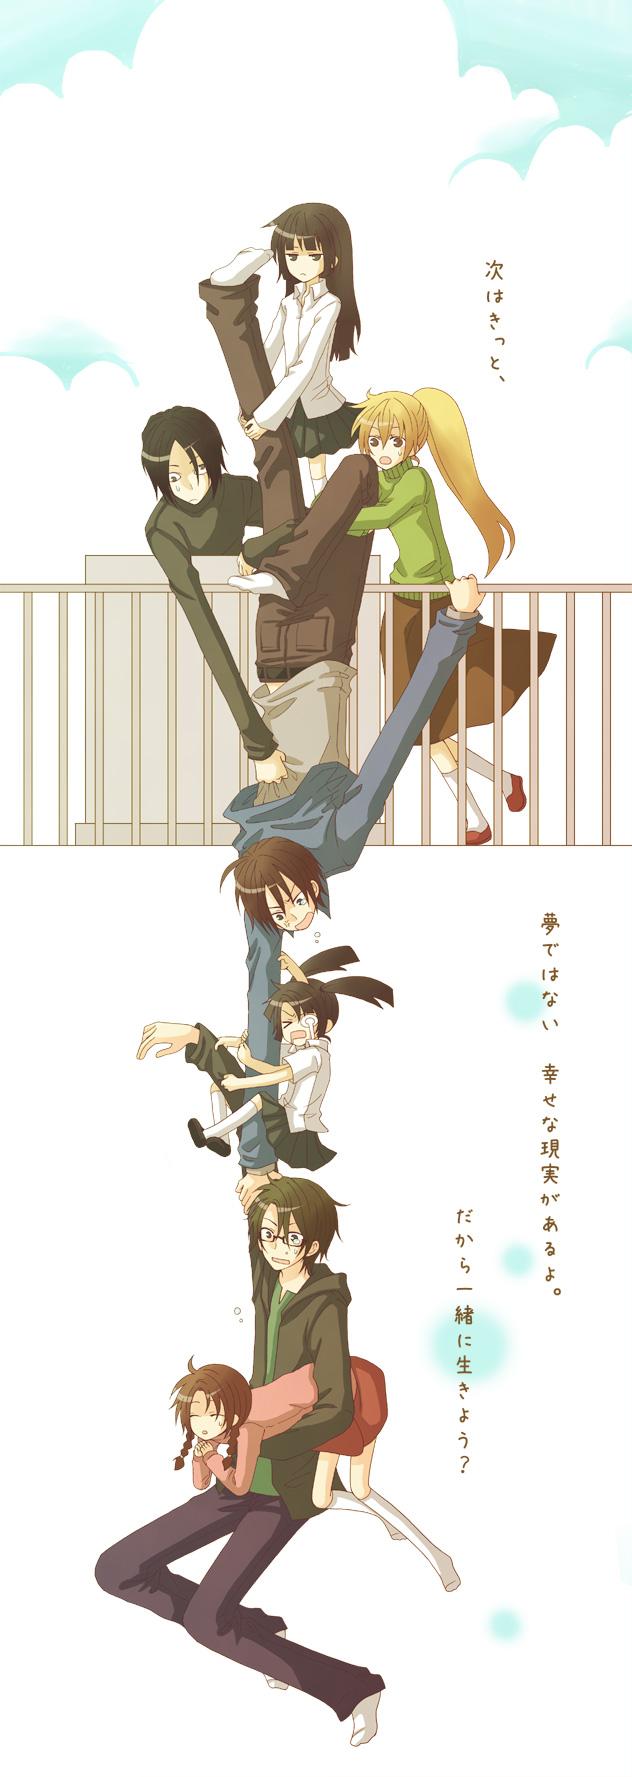 Tags: Anime, Hara Kuro, Yume Nikki, Madotsuki, Shitaisan, Poniko, Monoko, Monoe, Sekomumasada Sensei, Dream Diary